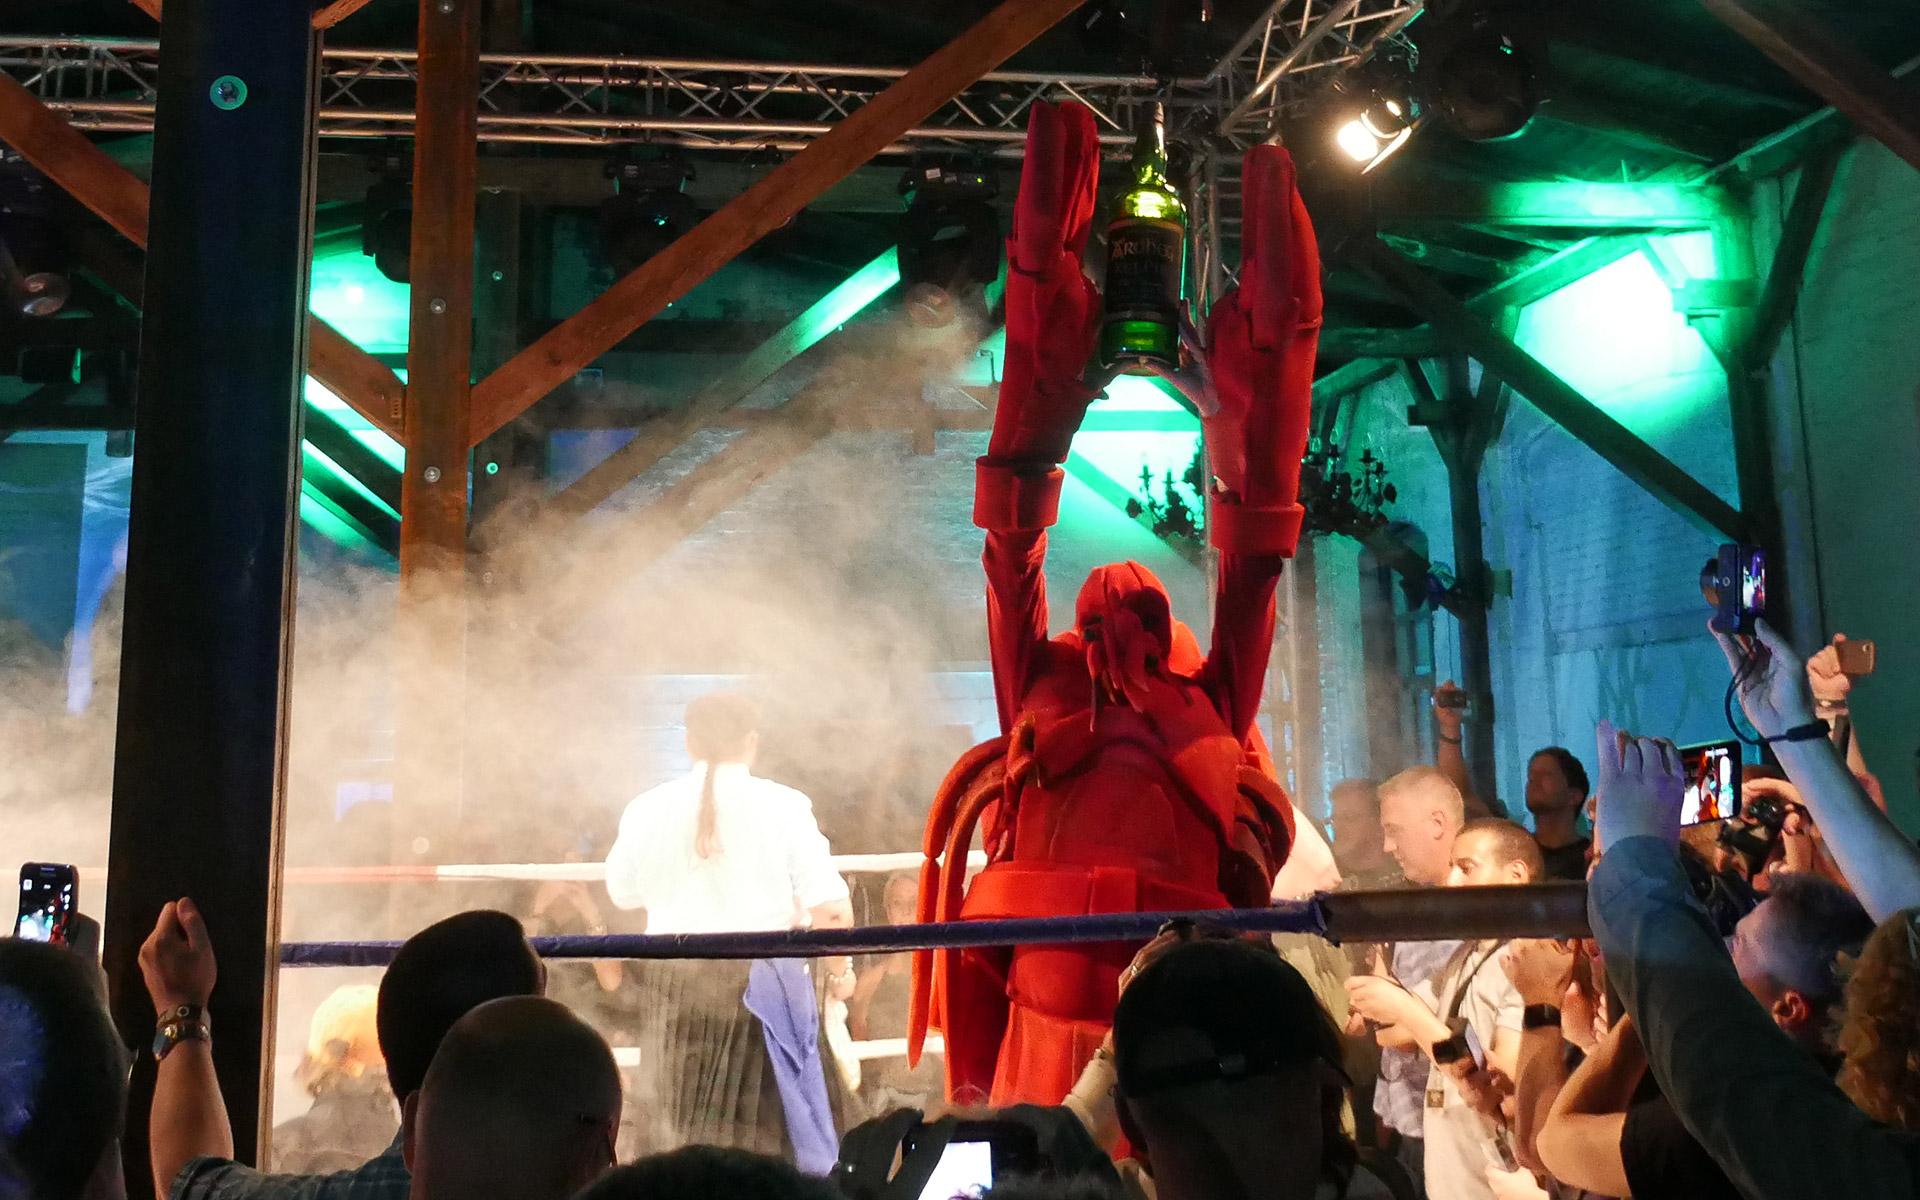 Der Lobster war am Ende siegreich - und so konnte der Ardbeg Kelpie verkostet werden (Foto: Malt Whisky)